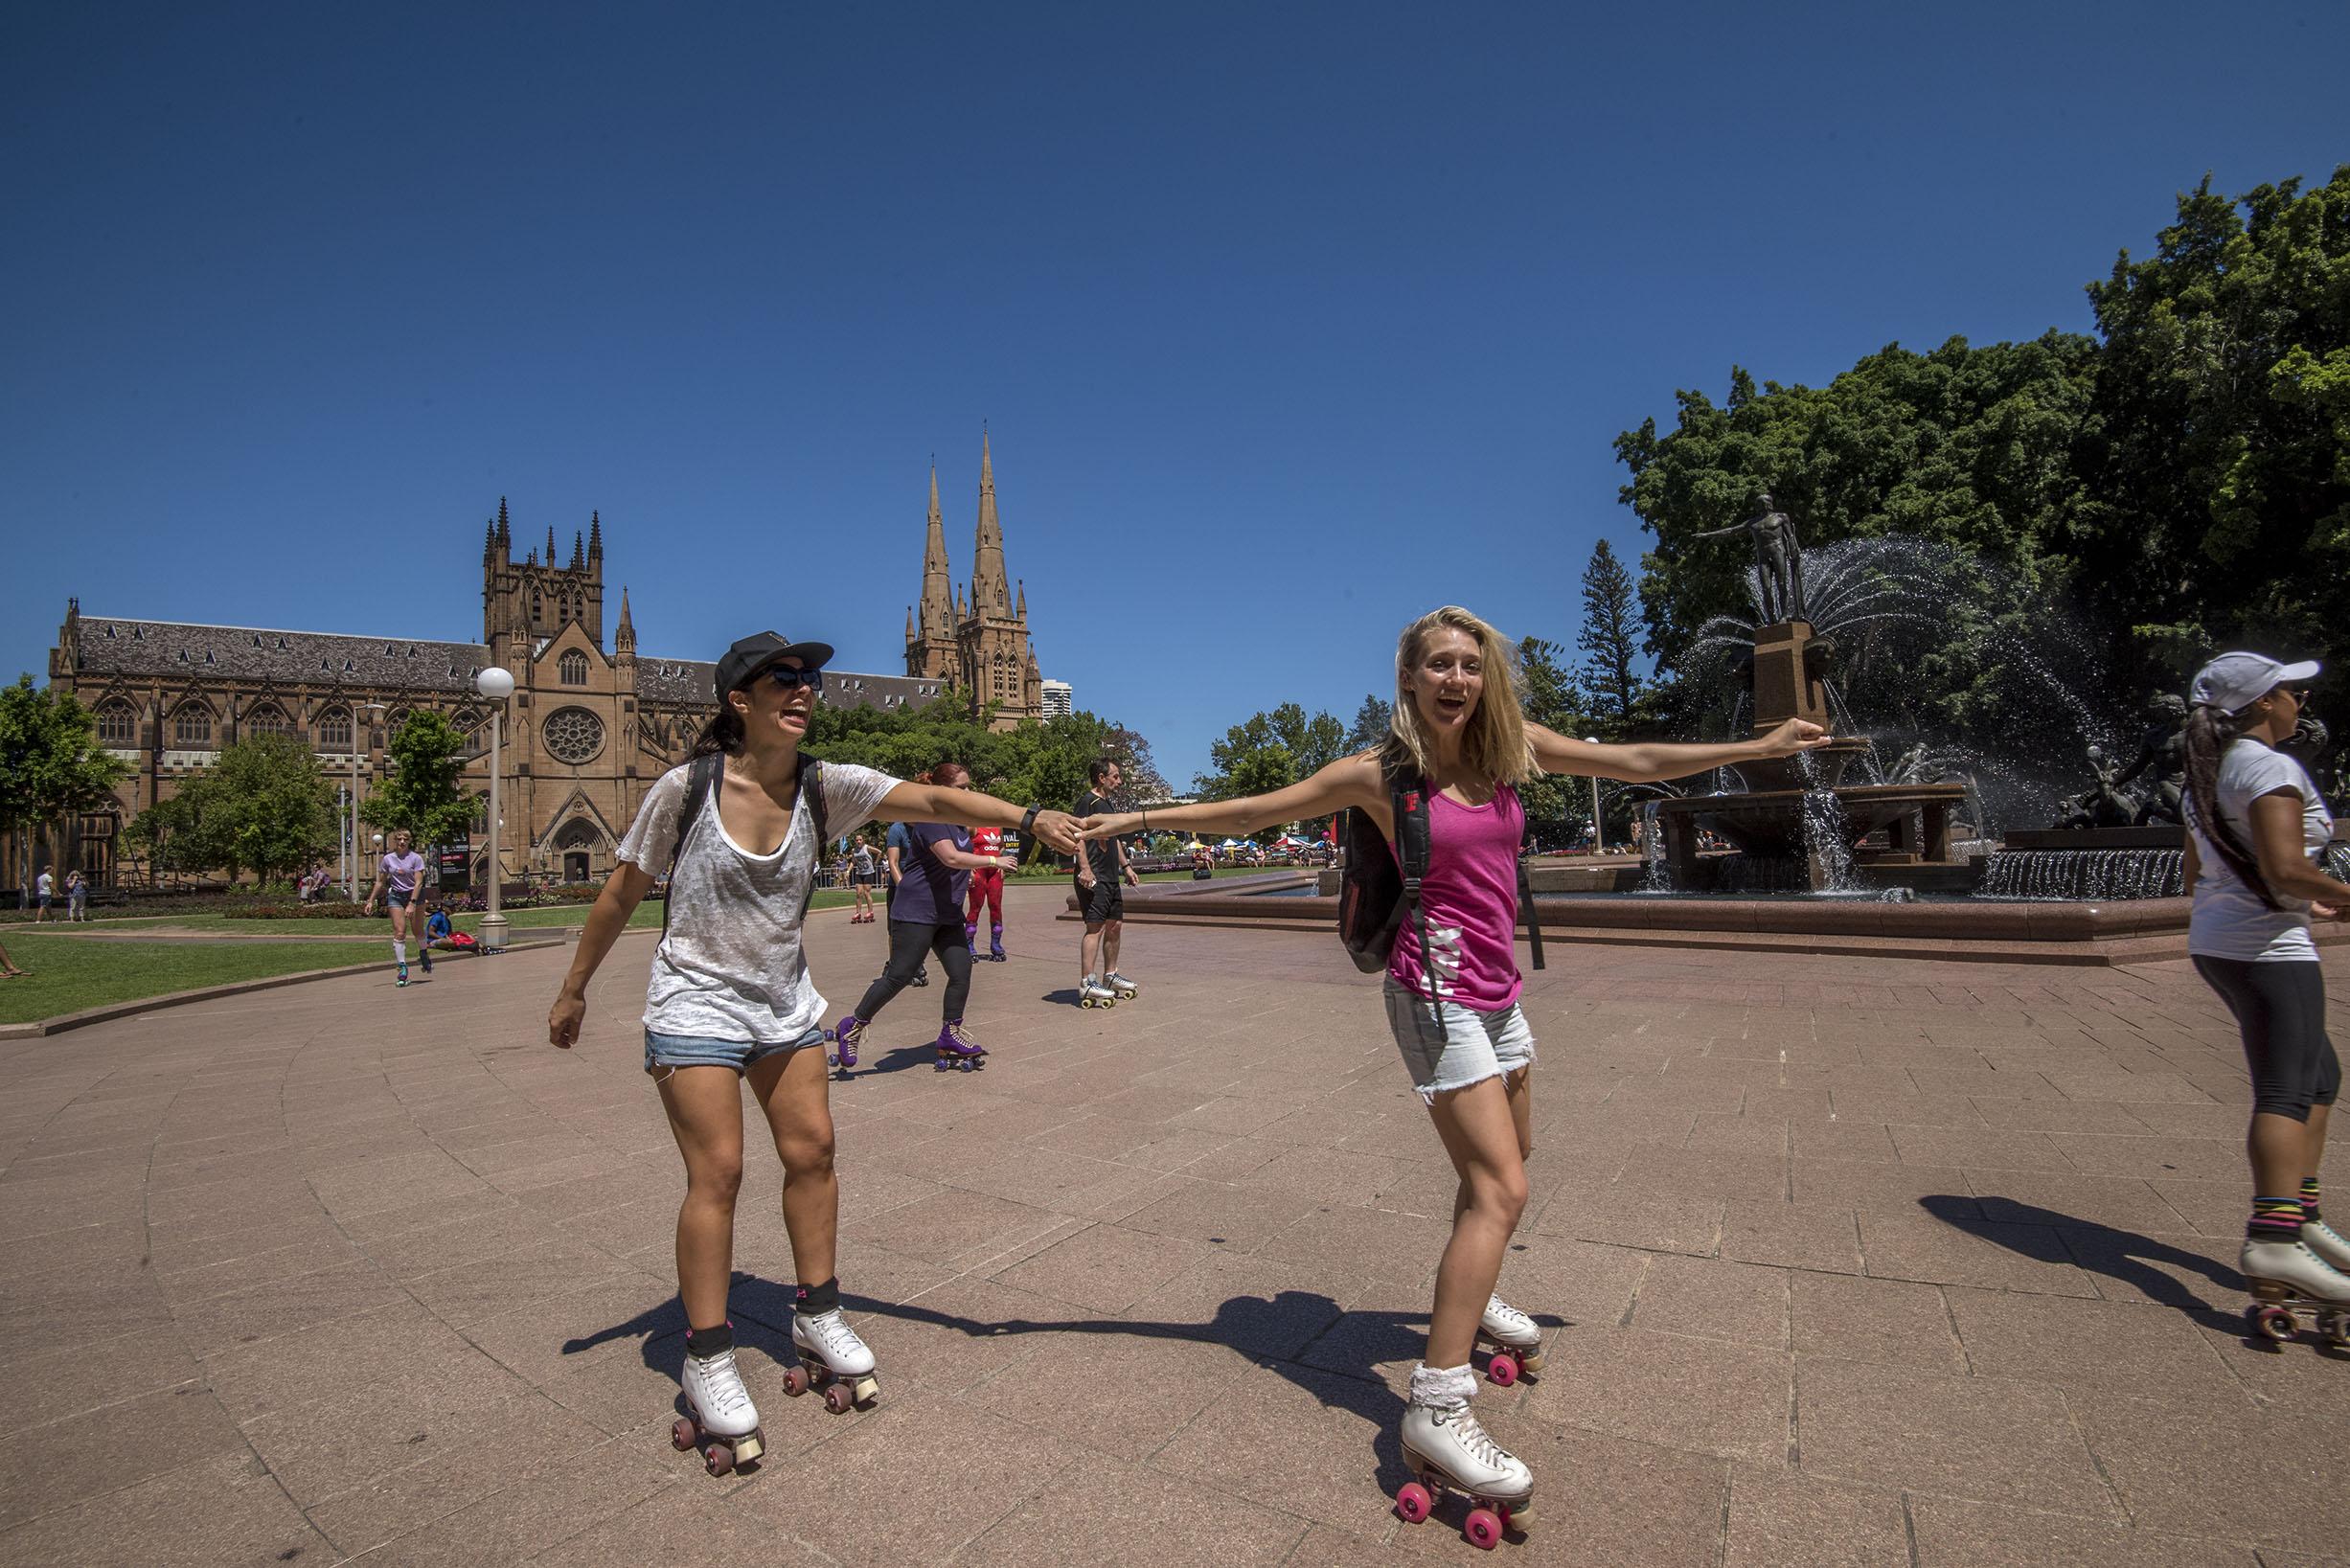 Roller skate shoes penang - Sydney Skates Into Summer